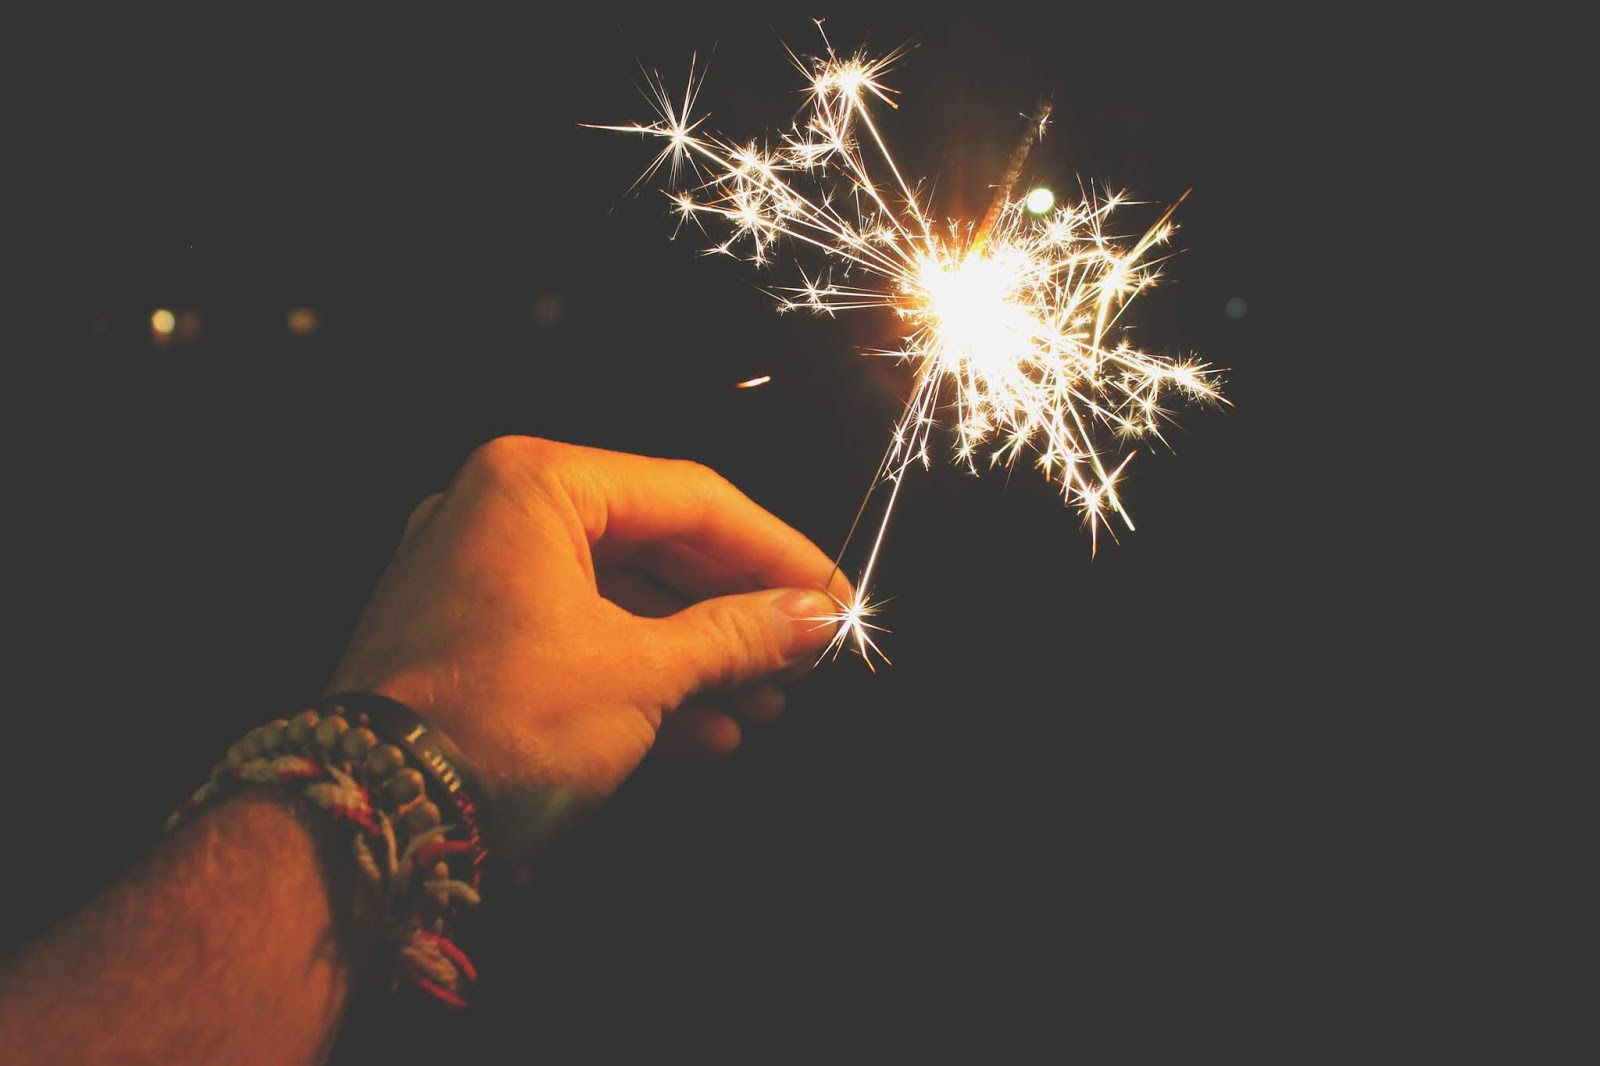 Diwali Images for Facebook Messenger